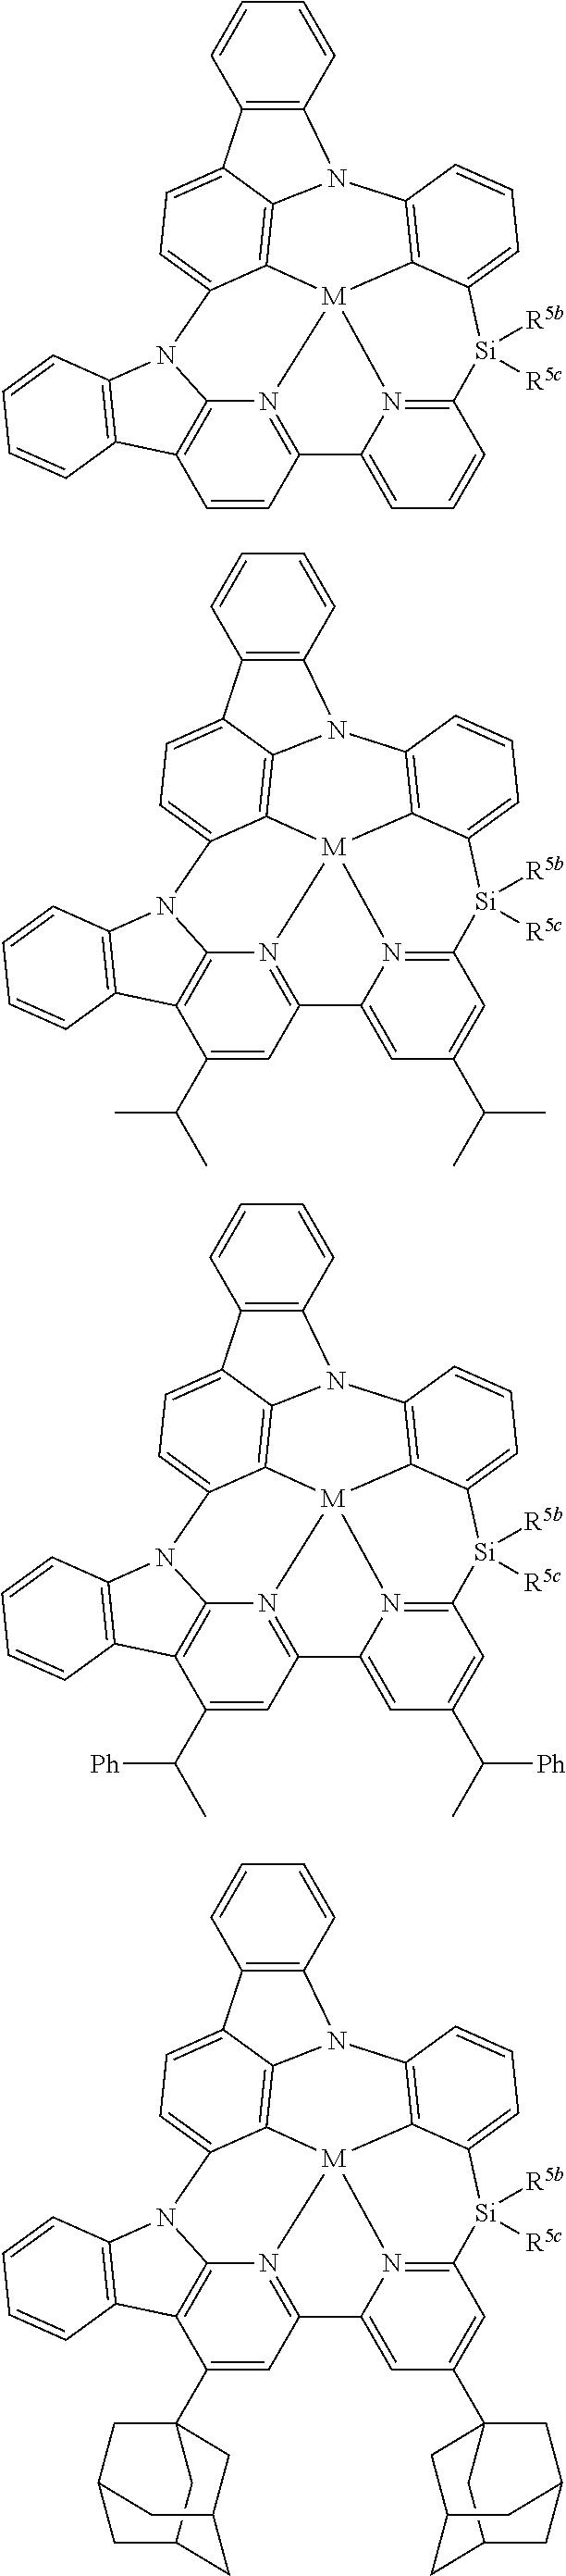 Figure US10158091-20181218-C00249